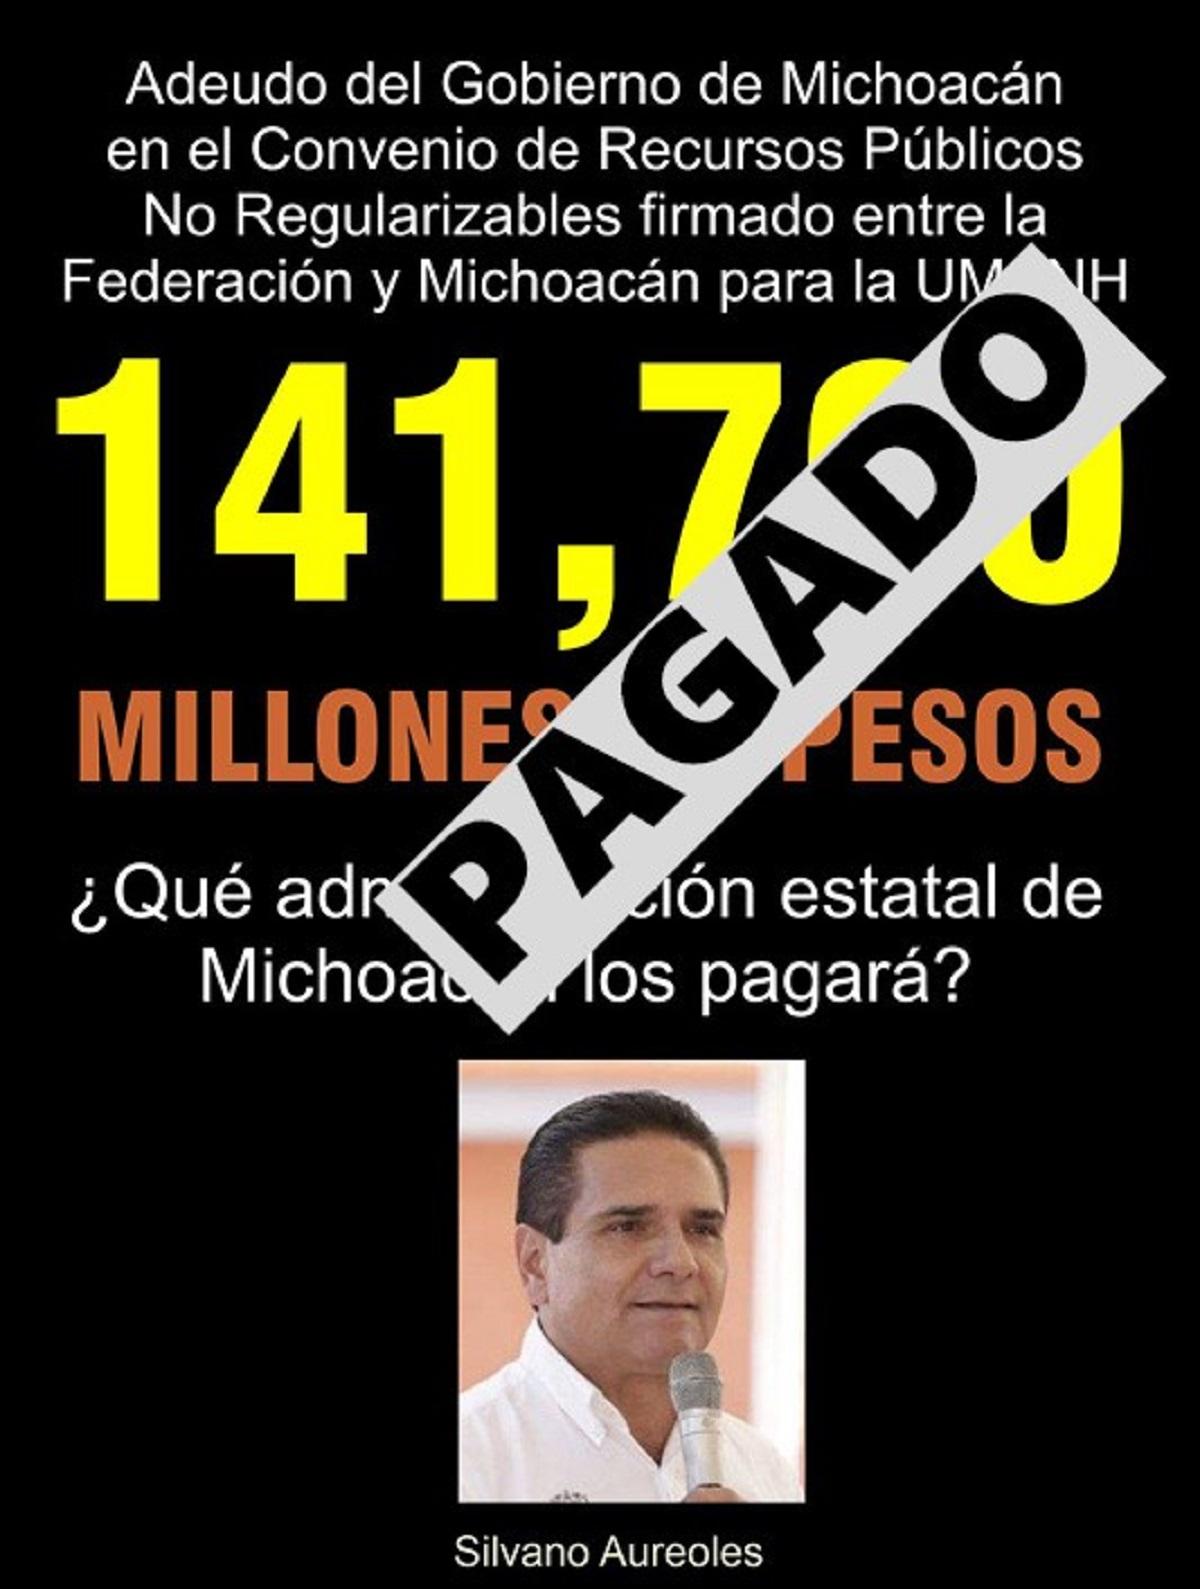 Pagó el Gobierno del Estado de Michoacán su parte del Convenio de Recursos Públicos No Regularizables de diciembre del 2020